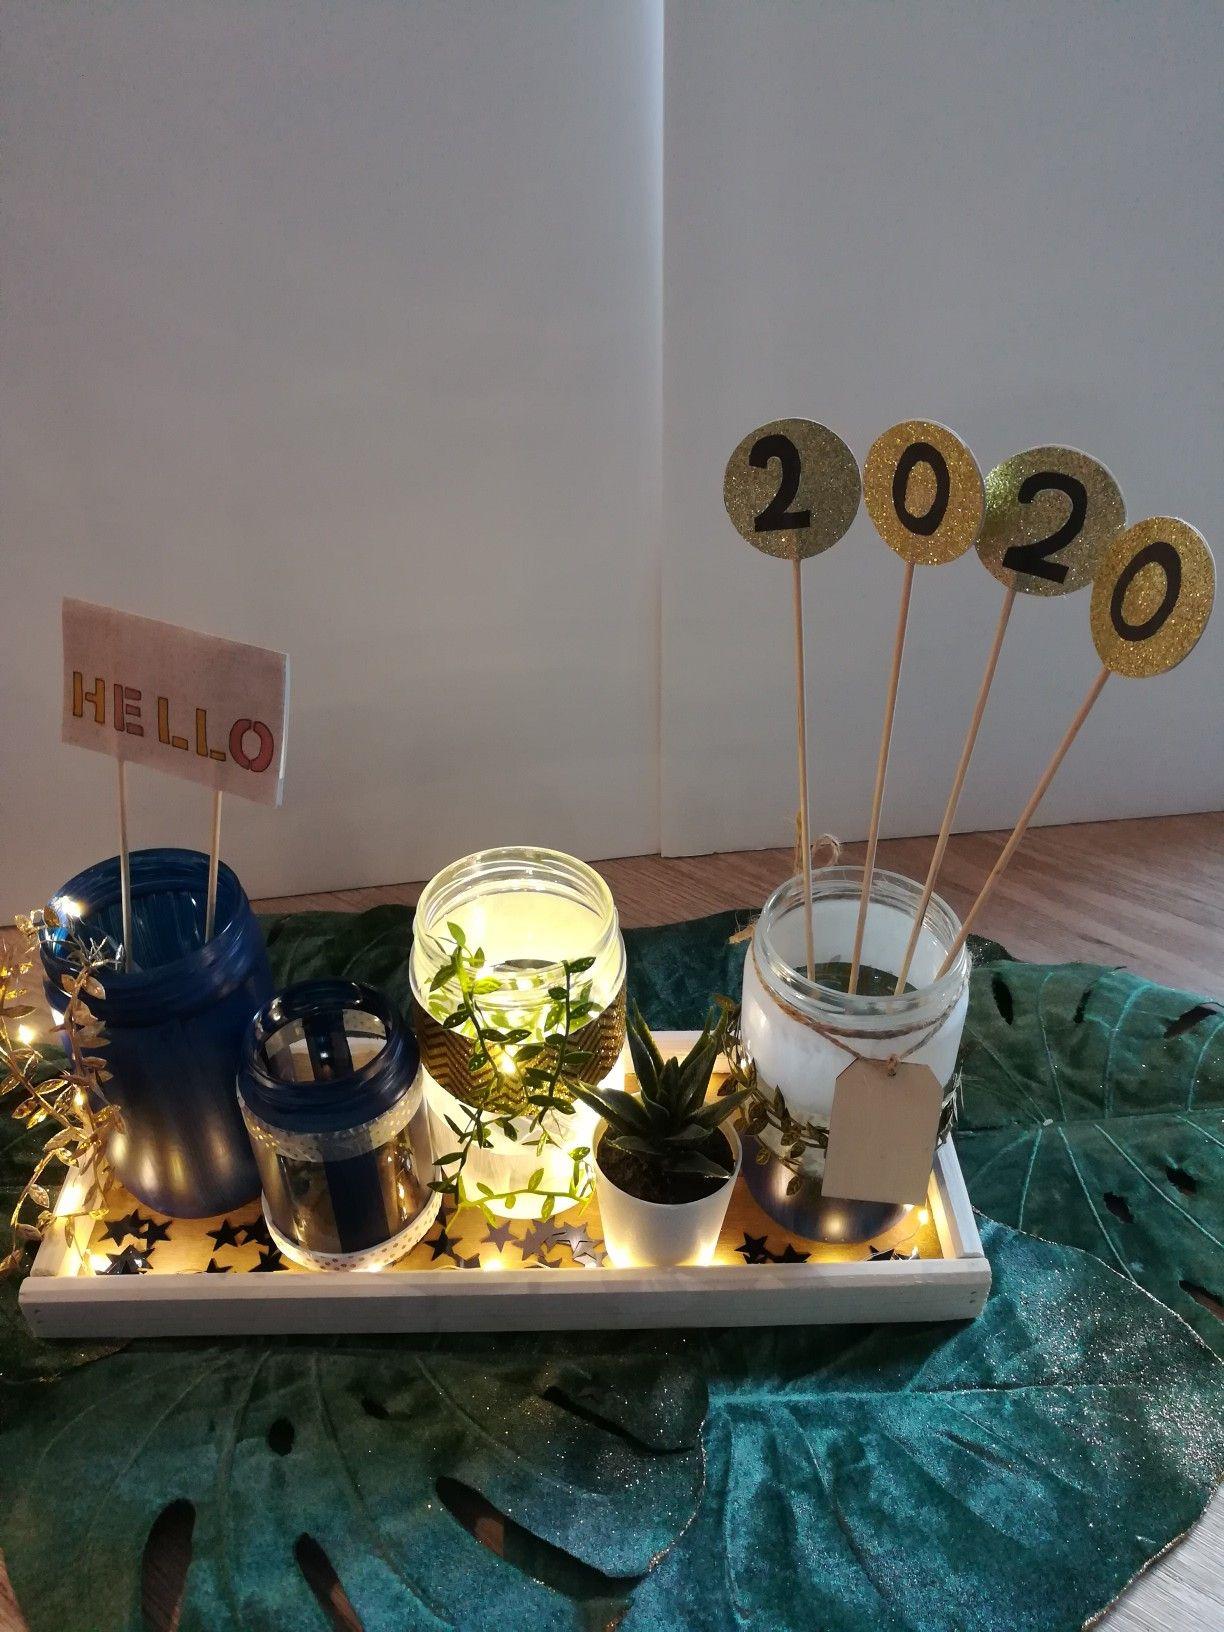 Notre centre de table nouvel an. Nature végétale avec du bois clair et feuillages. Le chic est apporté par les touches doré en contraste avec le bleu éclipse